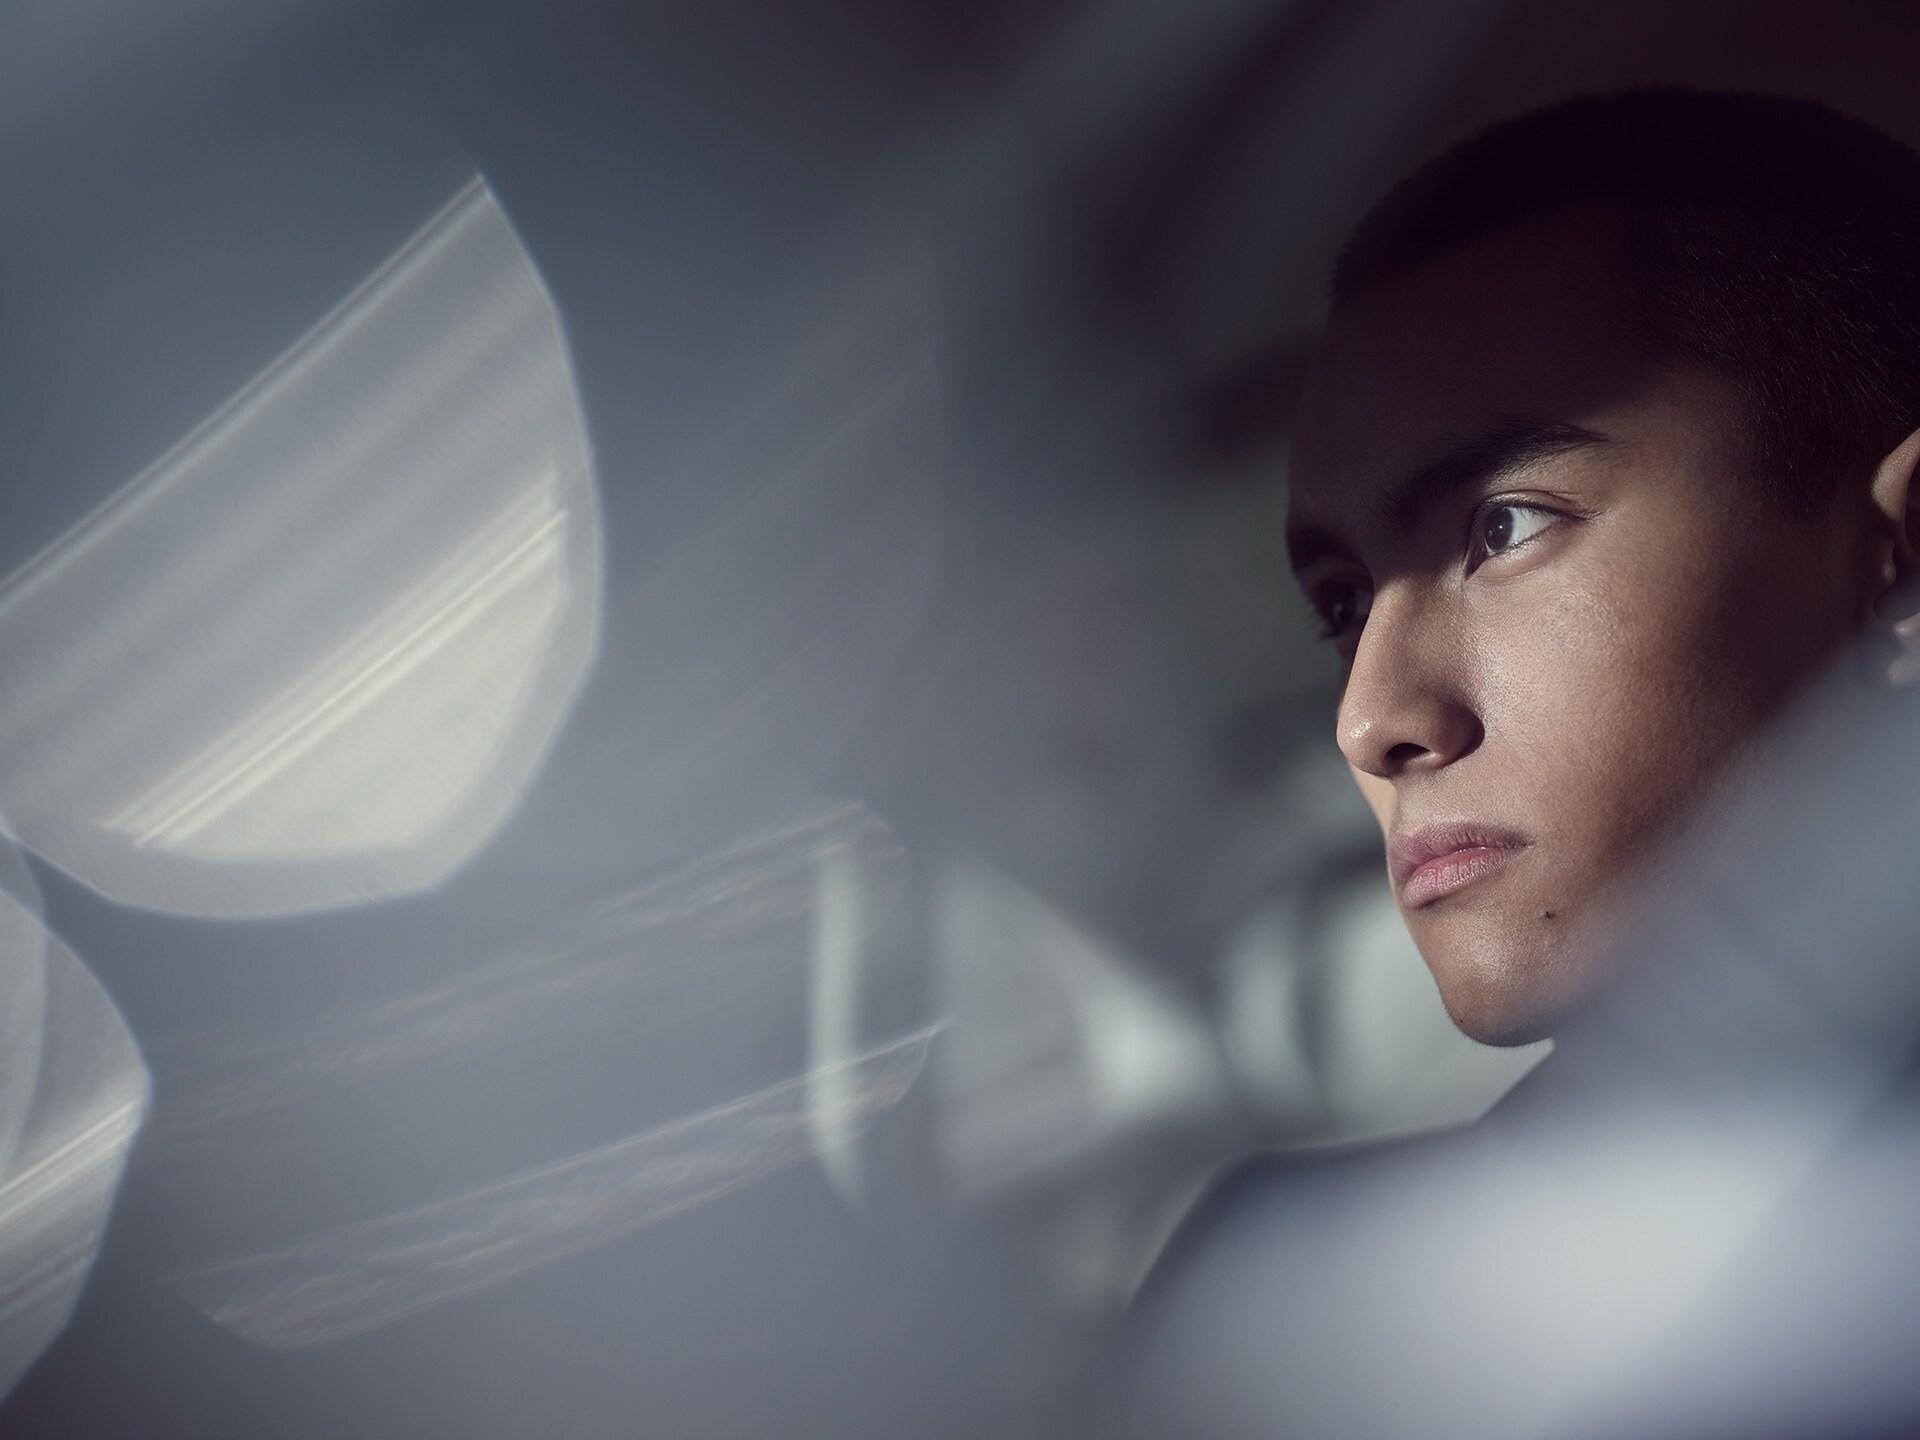 Et nærbillede af en mand bag i en Volvo S90.